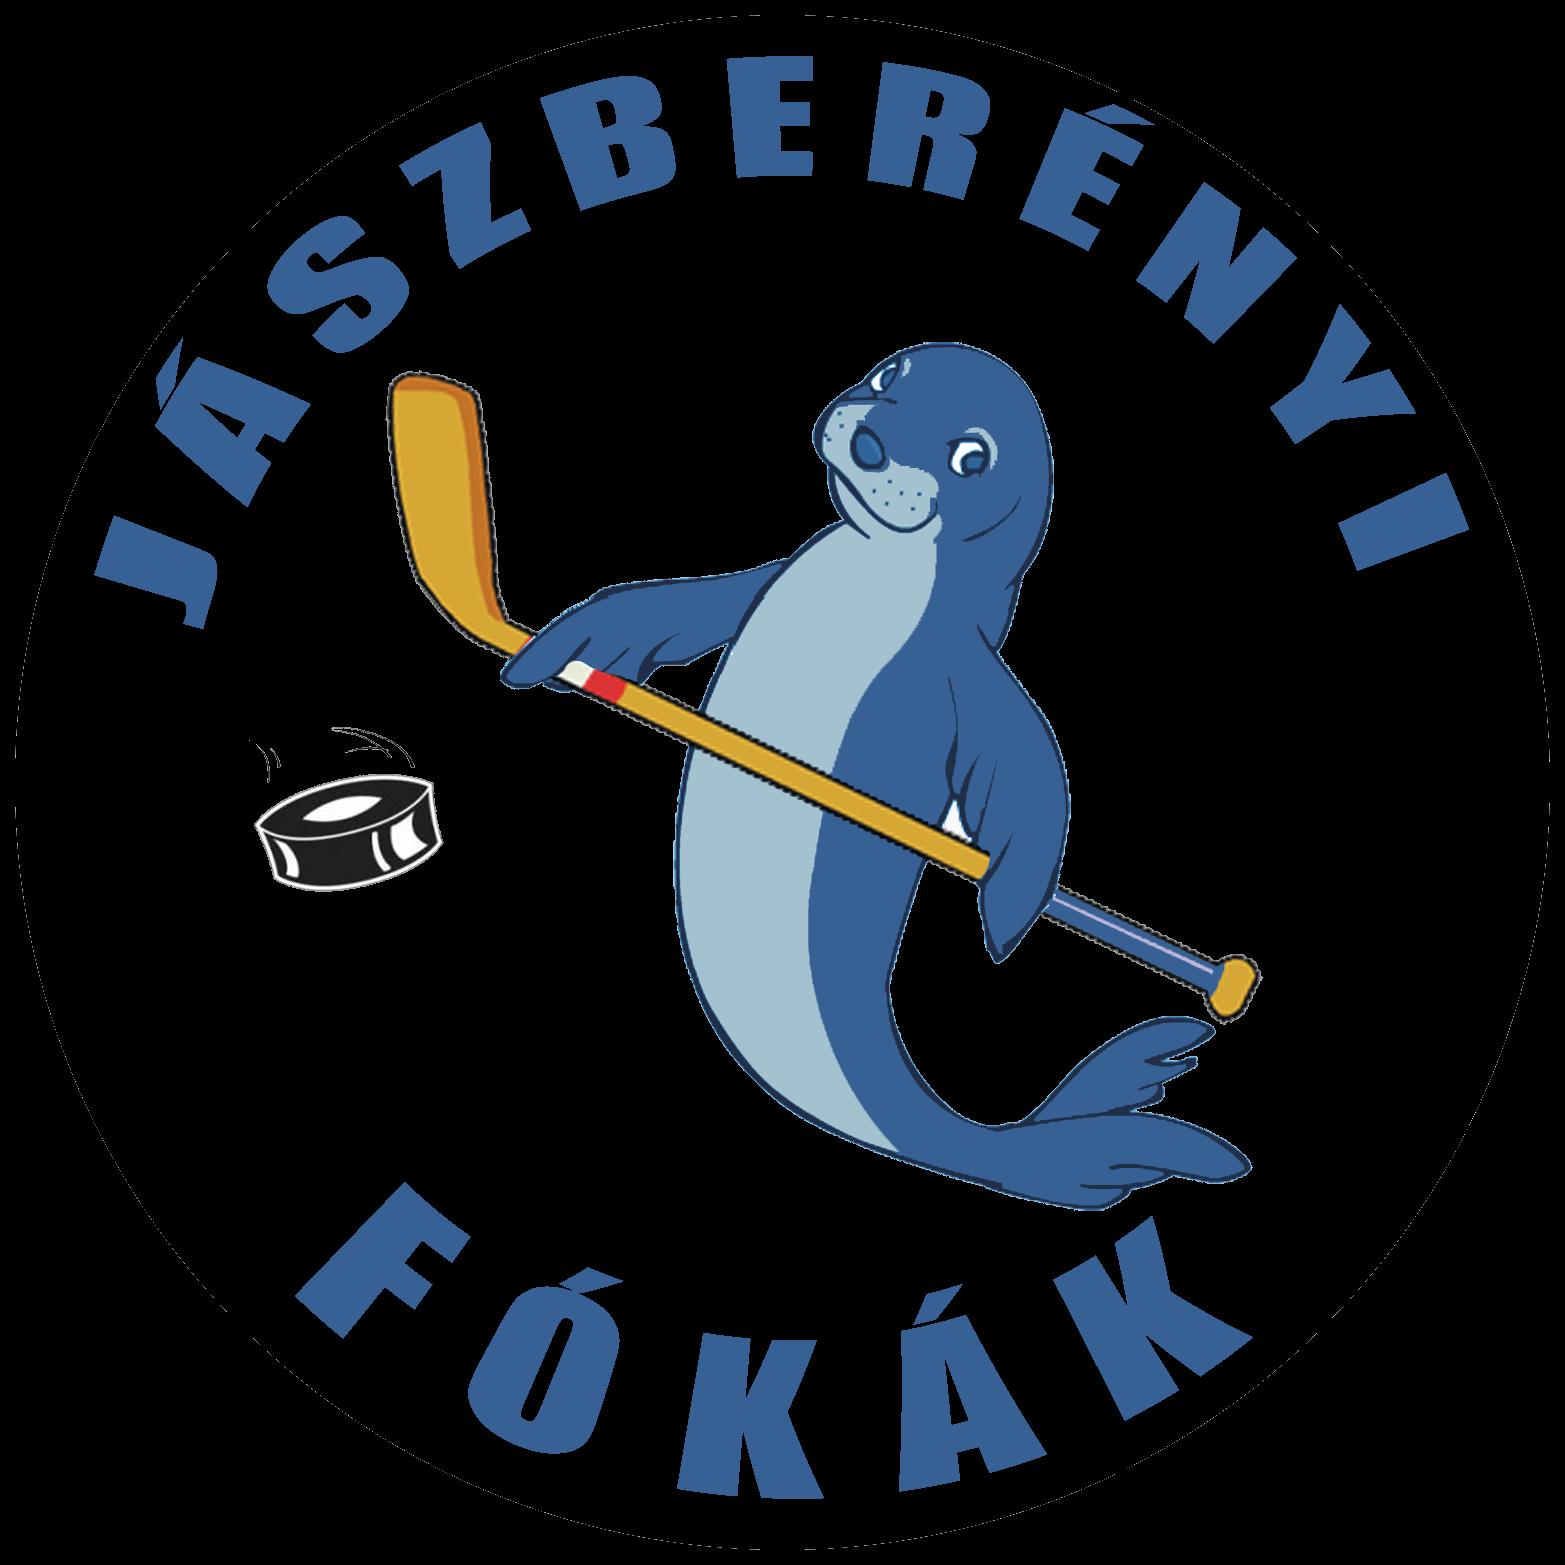 Jászberényi Sportegyesület Jégkorong Szakosztály